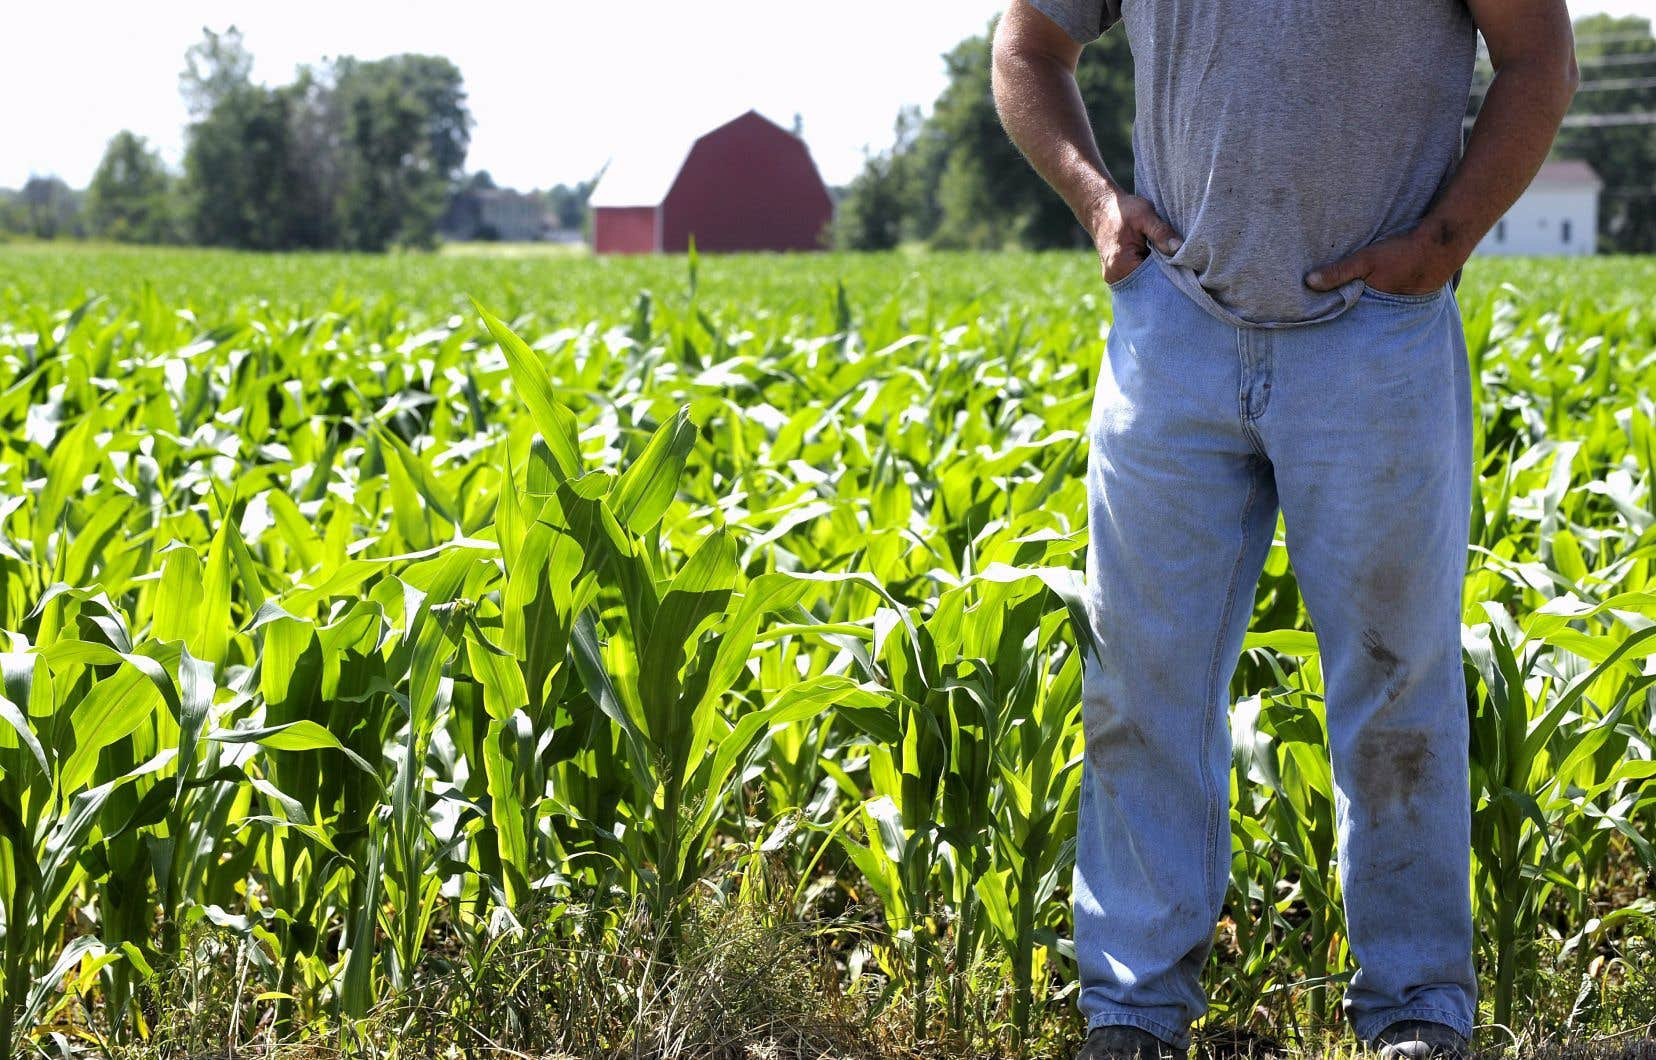 Les producteurs agricoles en font un usage conforme aux règles et aucune menace ne pèse sur la santé publique, affirme Christian Overbeek, ancien président du CEROM.